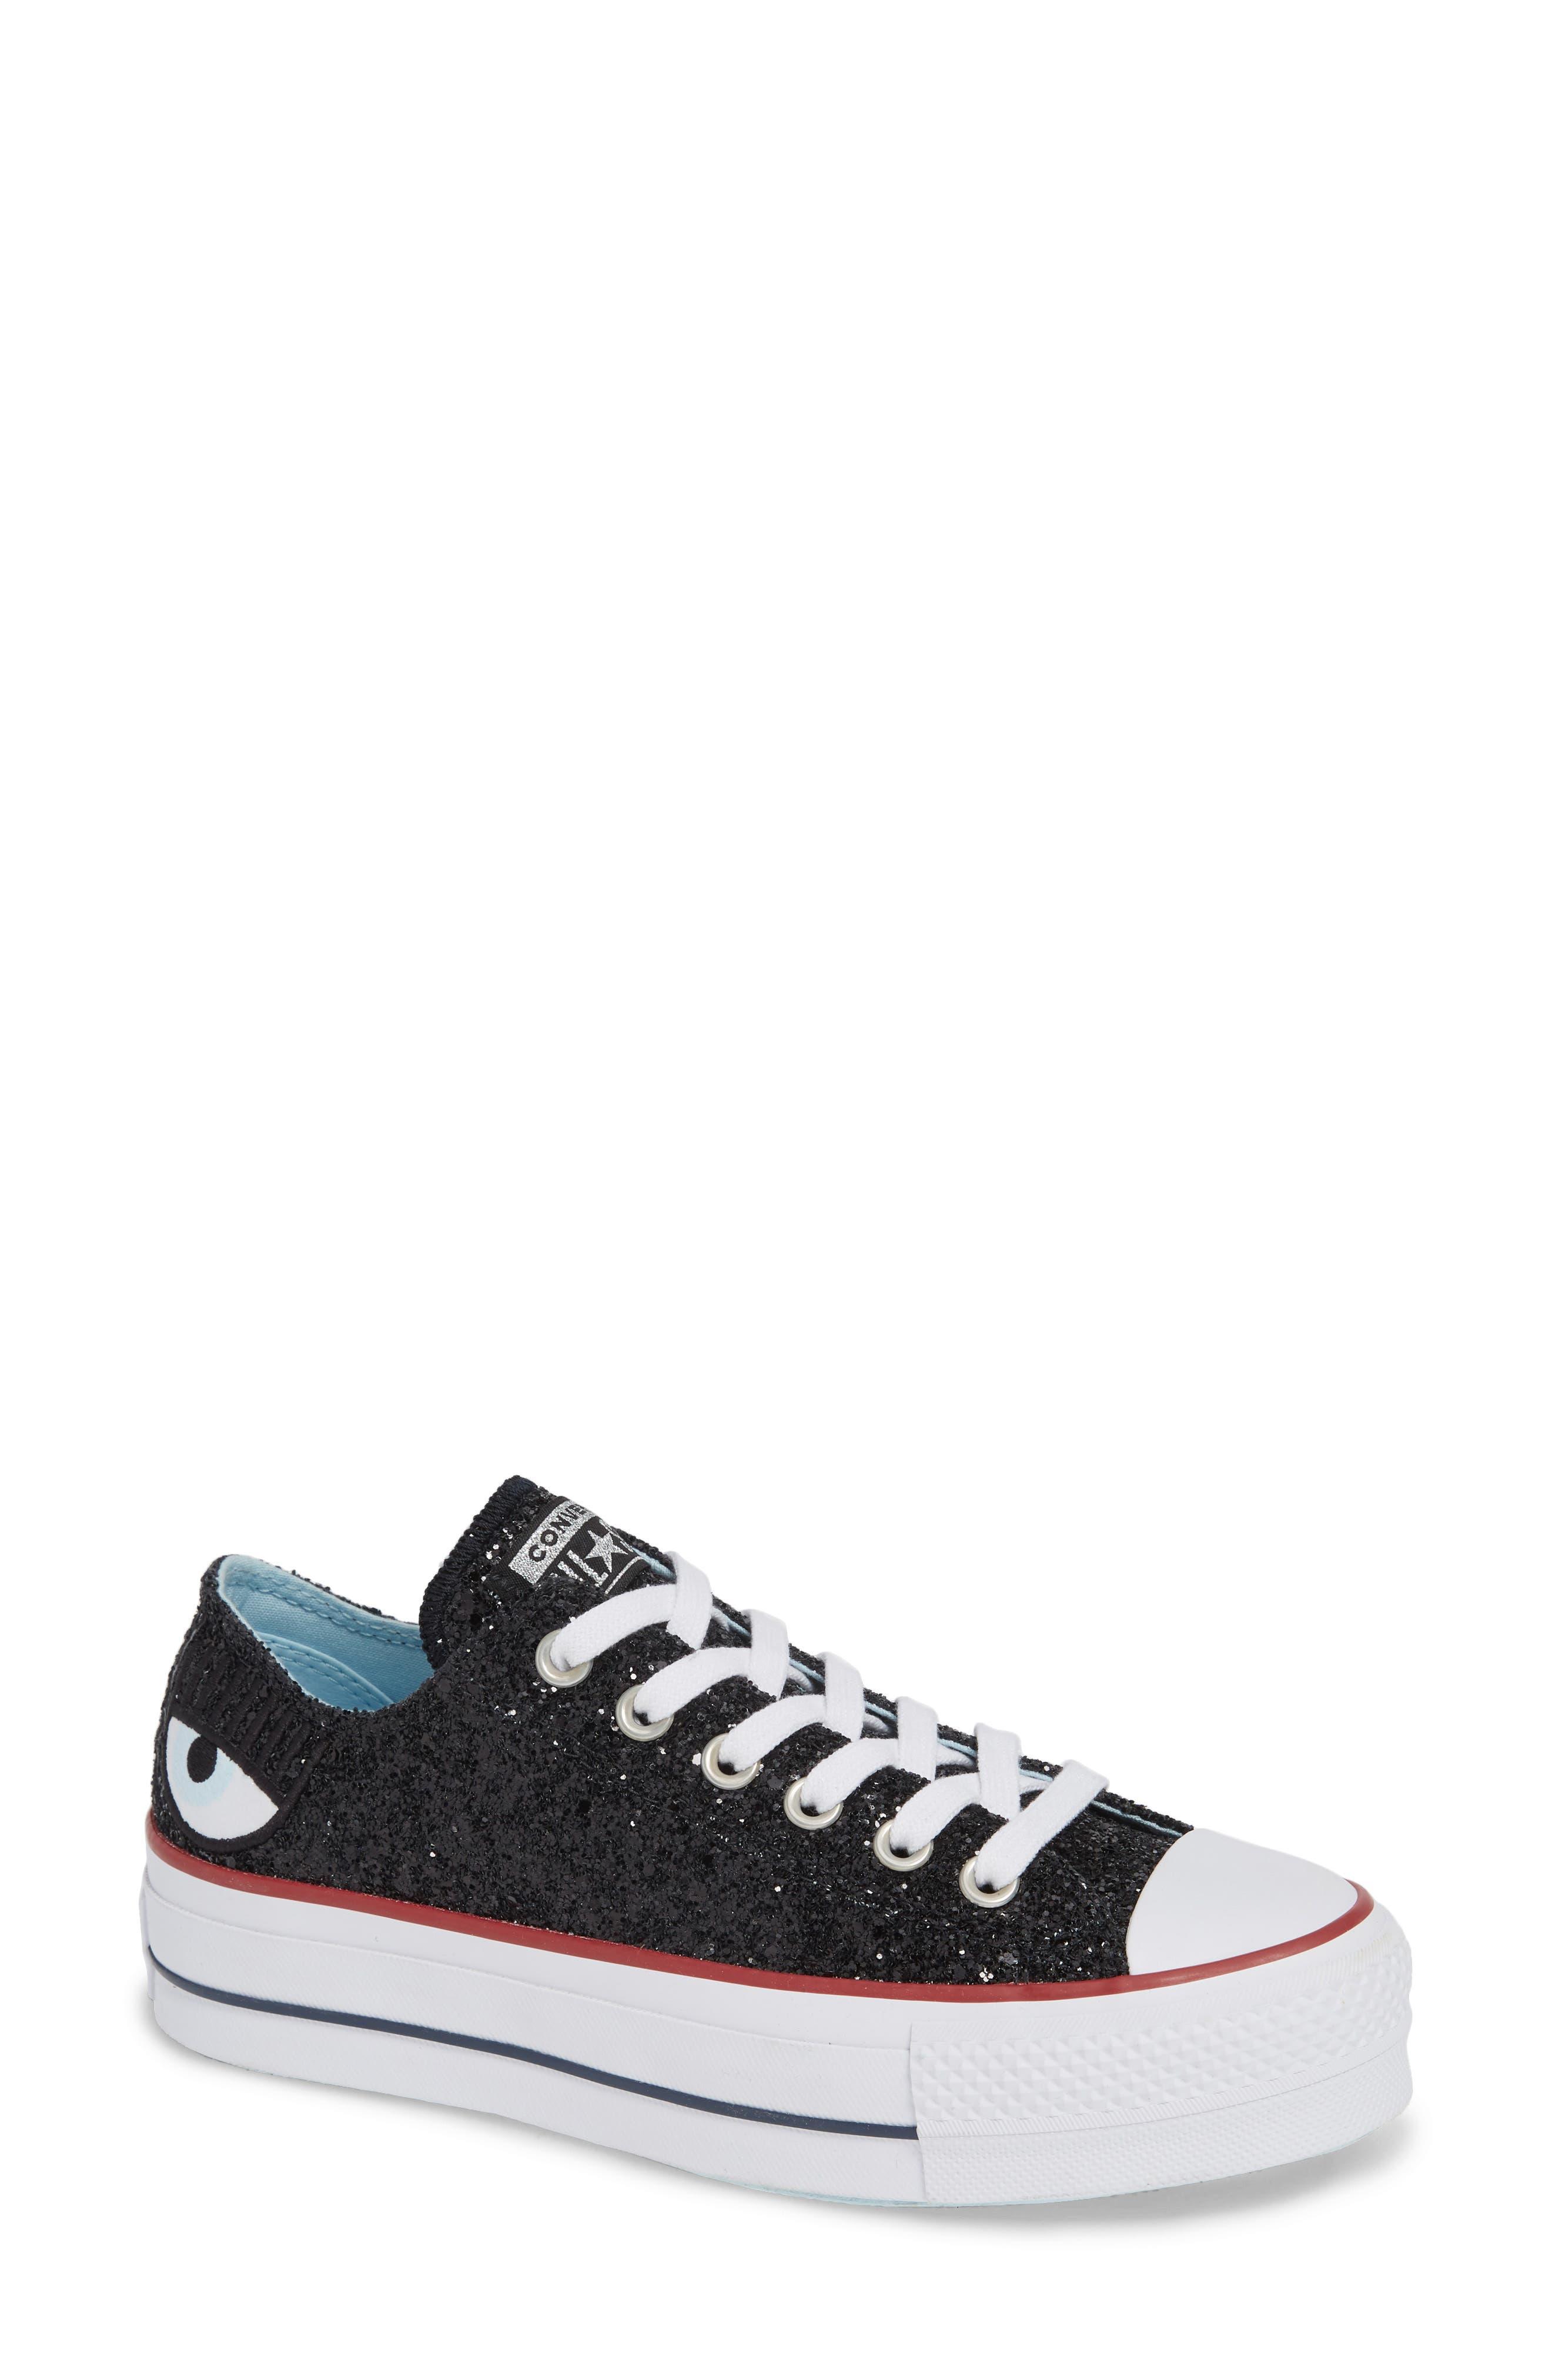 X Chiara Ferragni Women'S Chuck Taylor Low Top Sneakers in Black Glitter